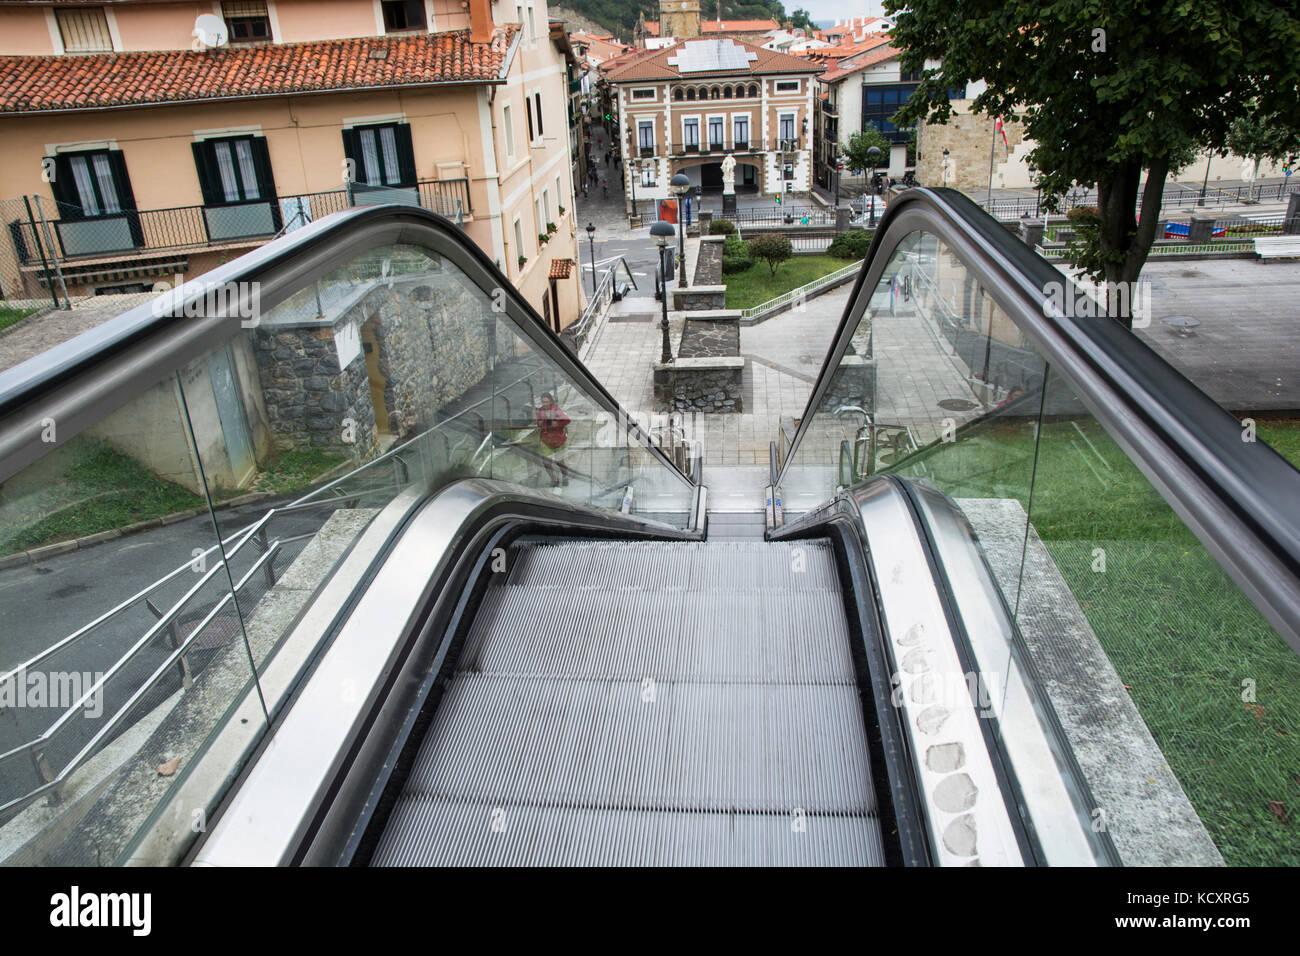 Open escalator in Getaria, Guipuzkoa (Euskadi, Vasque Country, Spain) - Stock Image